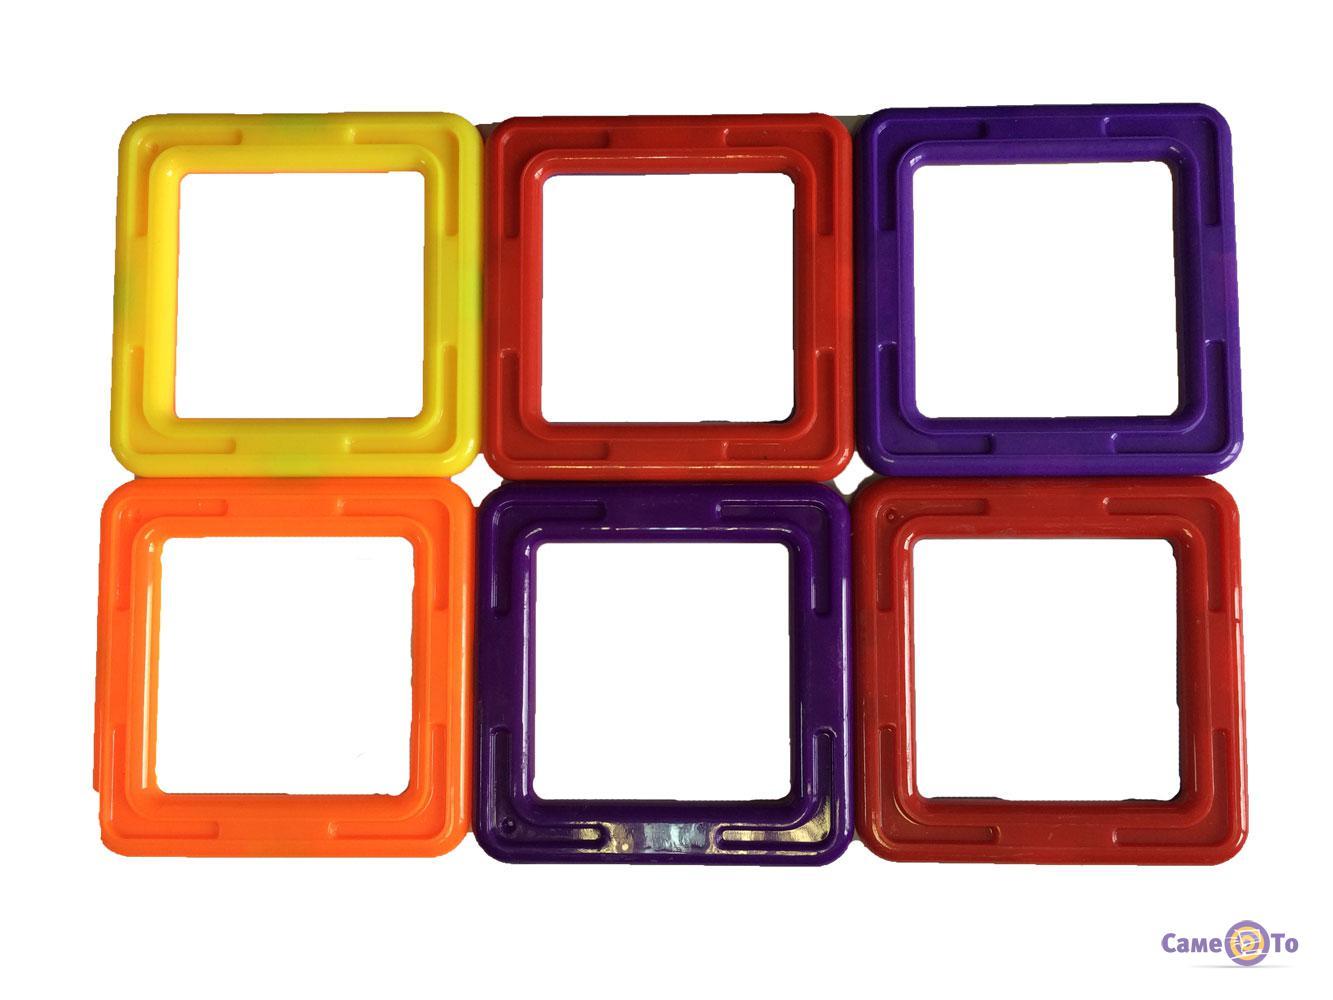 Магнитный конструктор для детей Mag-Puzzle 14 деталей